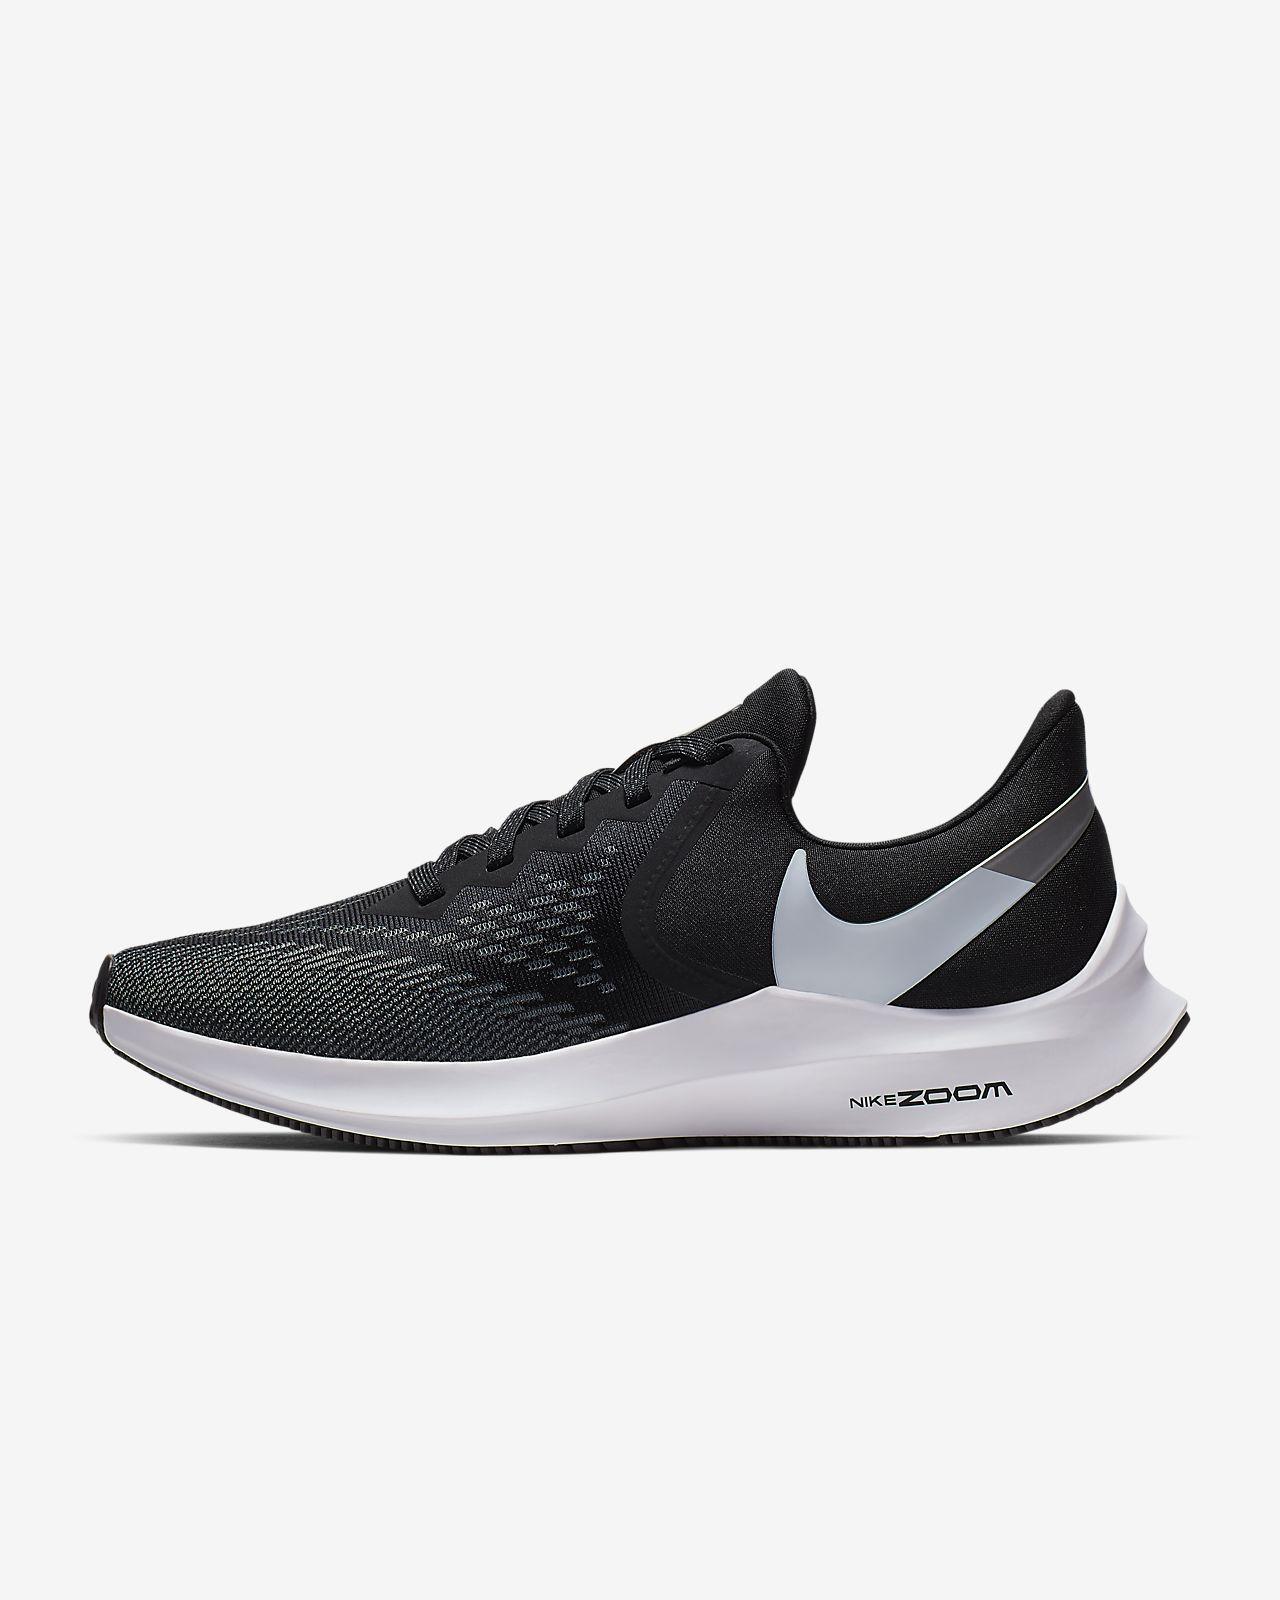 Nike Air Zoom Winflo 6 Men's Running Shoe (Black) | Running